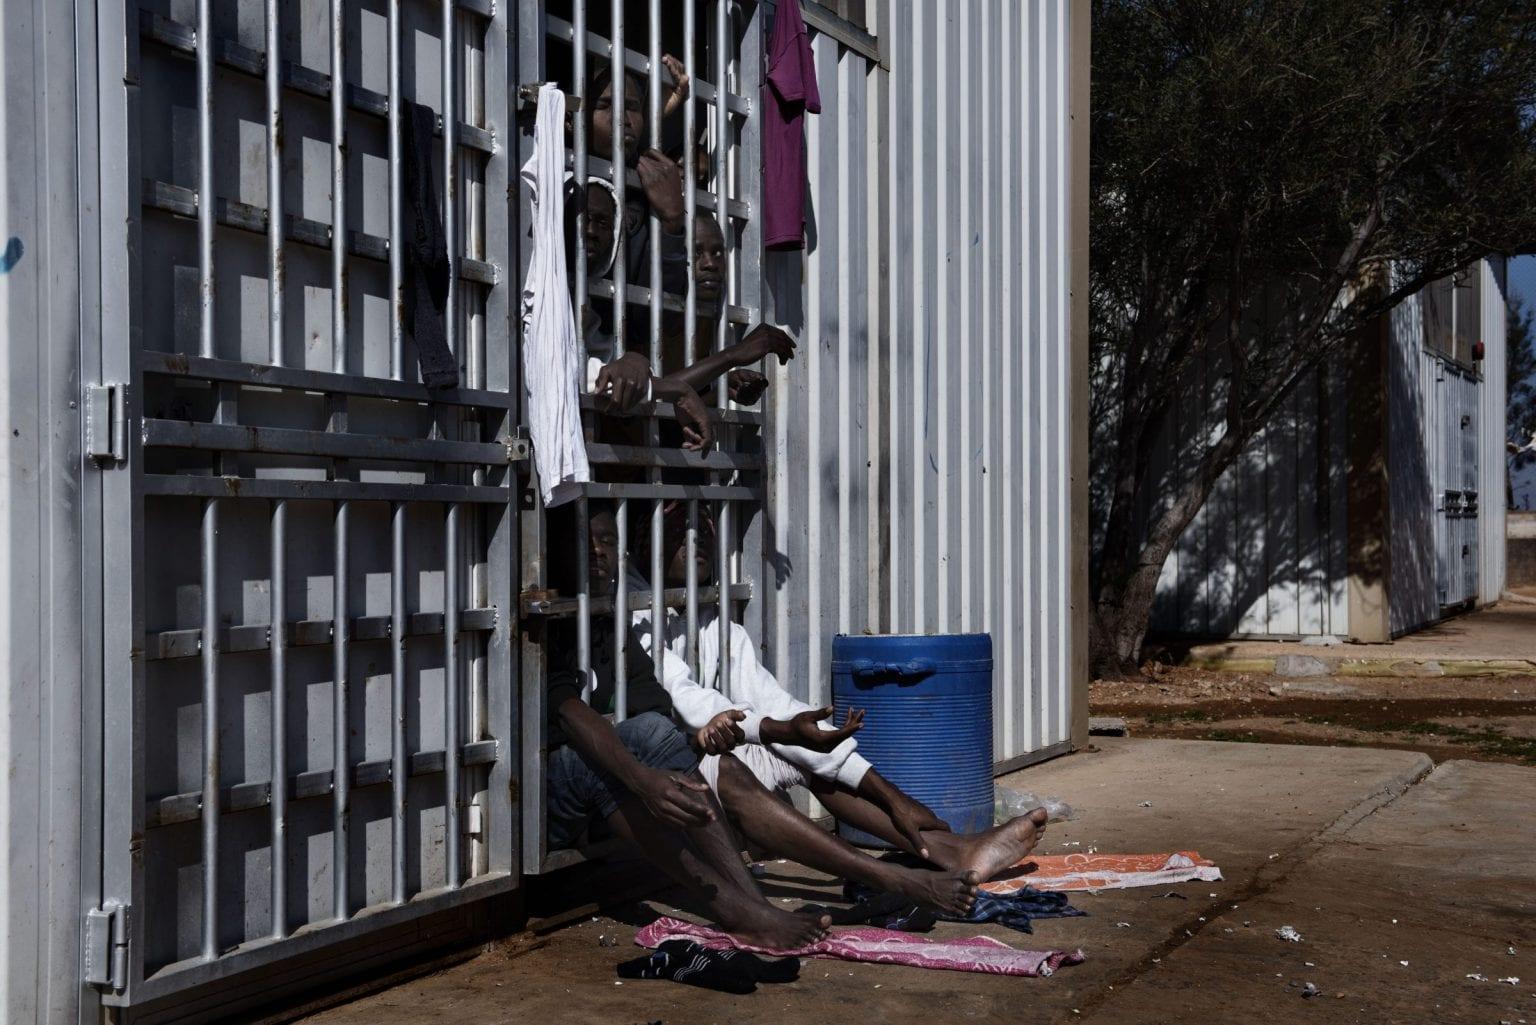 Det libyske migrantsystem finansieres hovedsageligt af EU-Kommissionens særlige Emergency Trust Fund for Africa,  der blev oprettet som reaktion på  flygtningekrisen i 2015. Foto: UNICEF